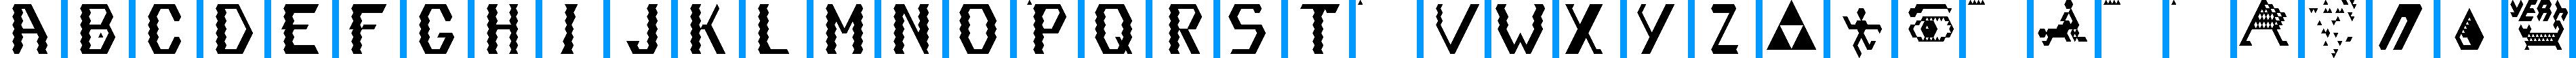 Particip-a-type v.211